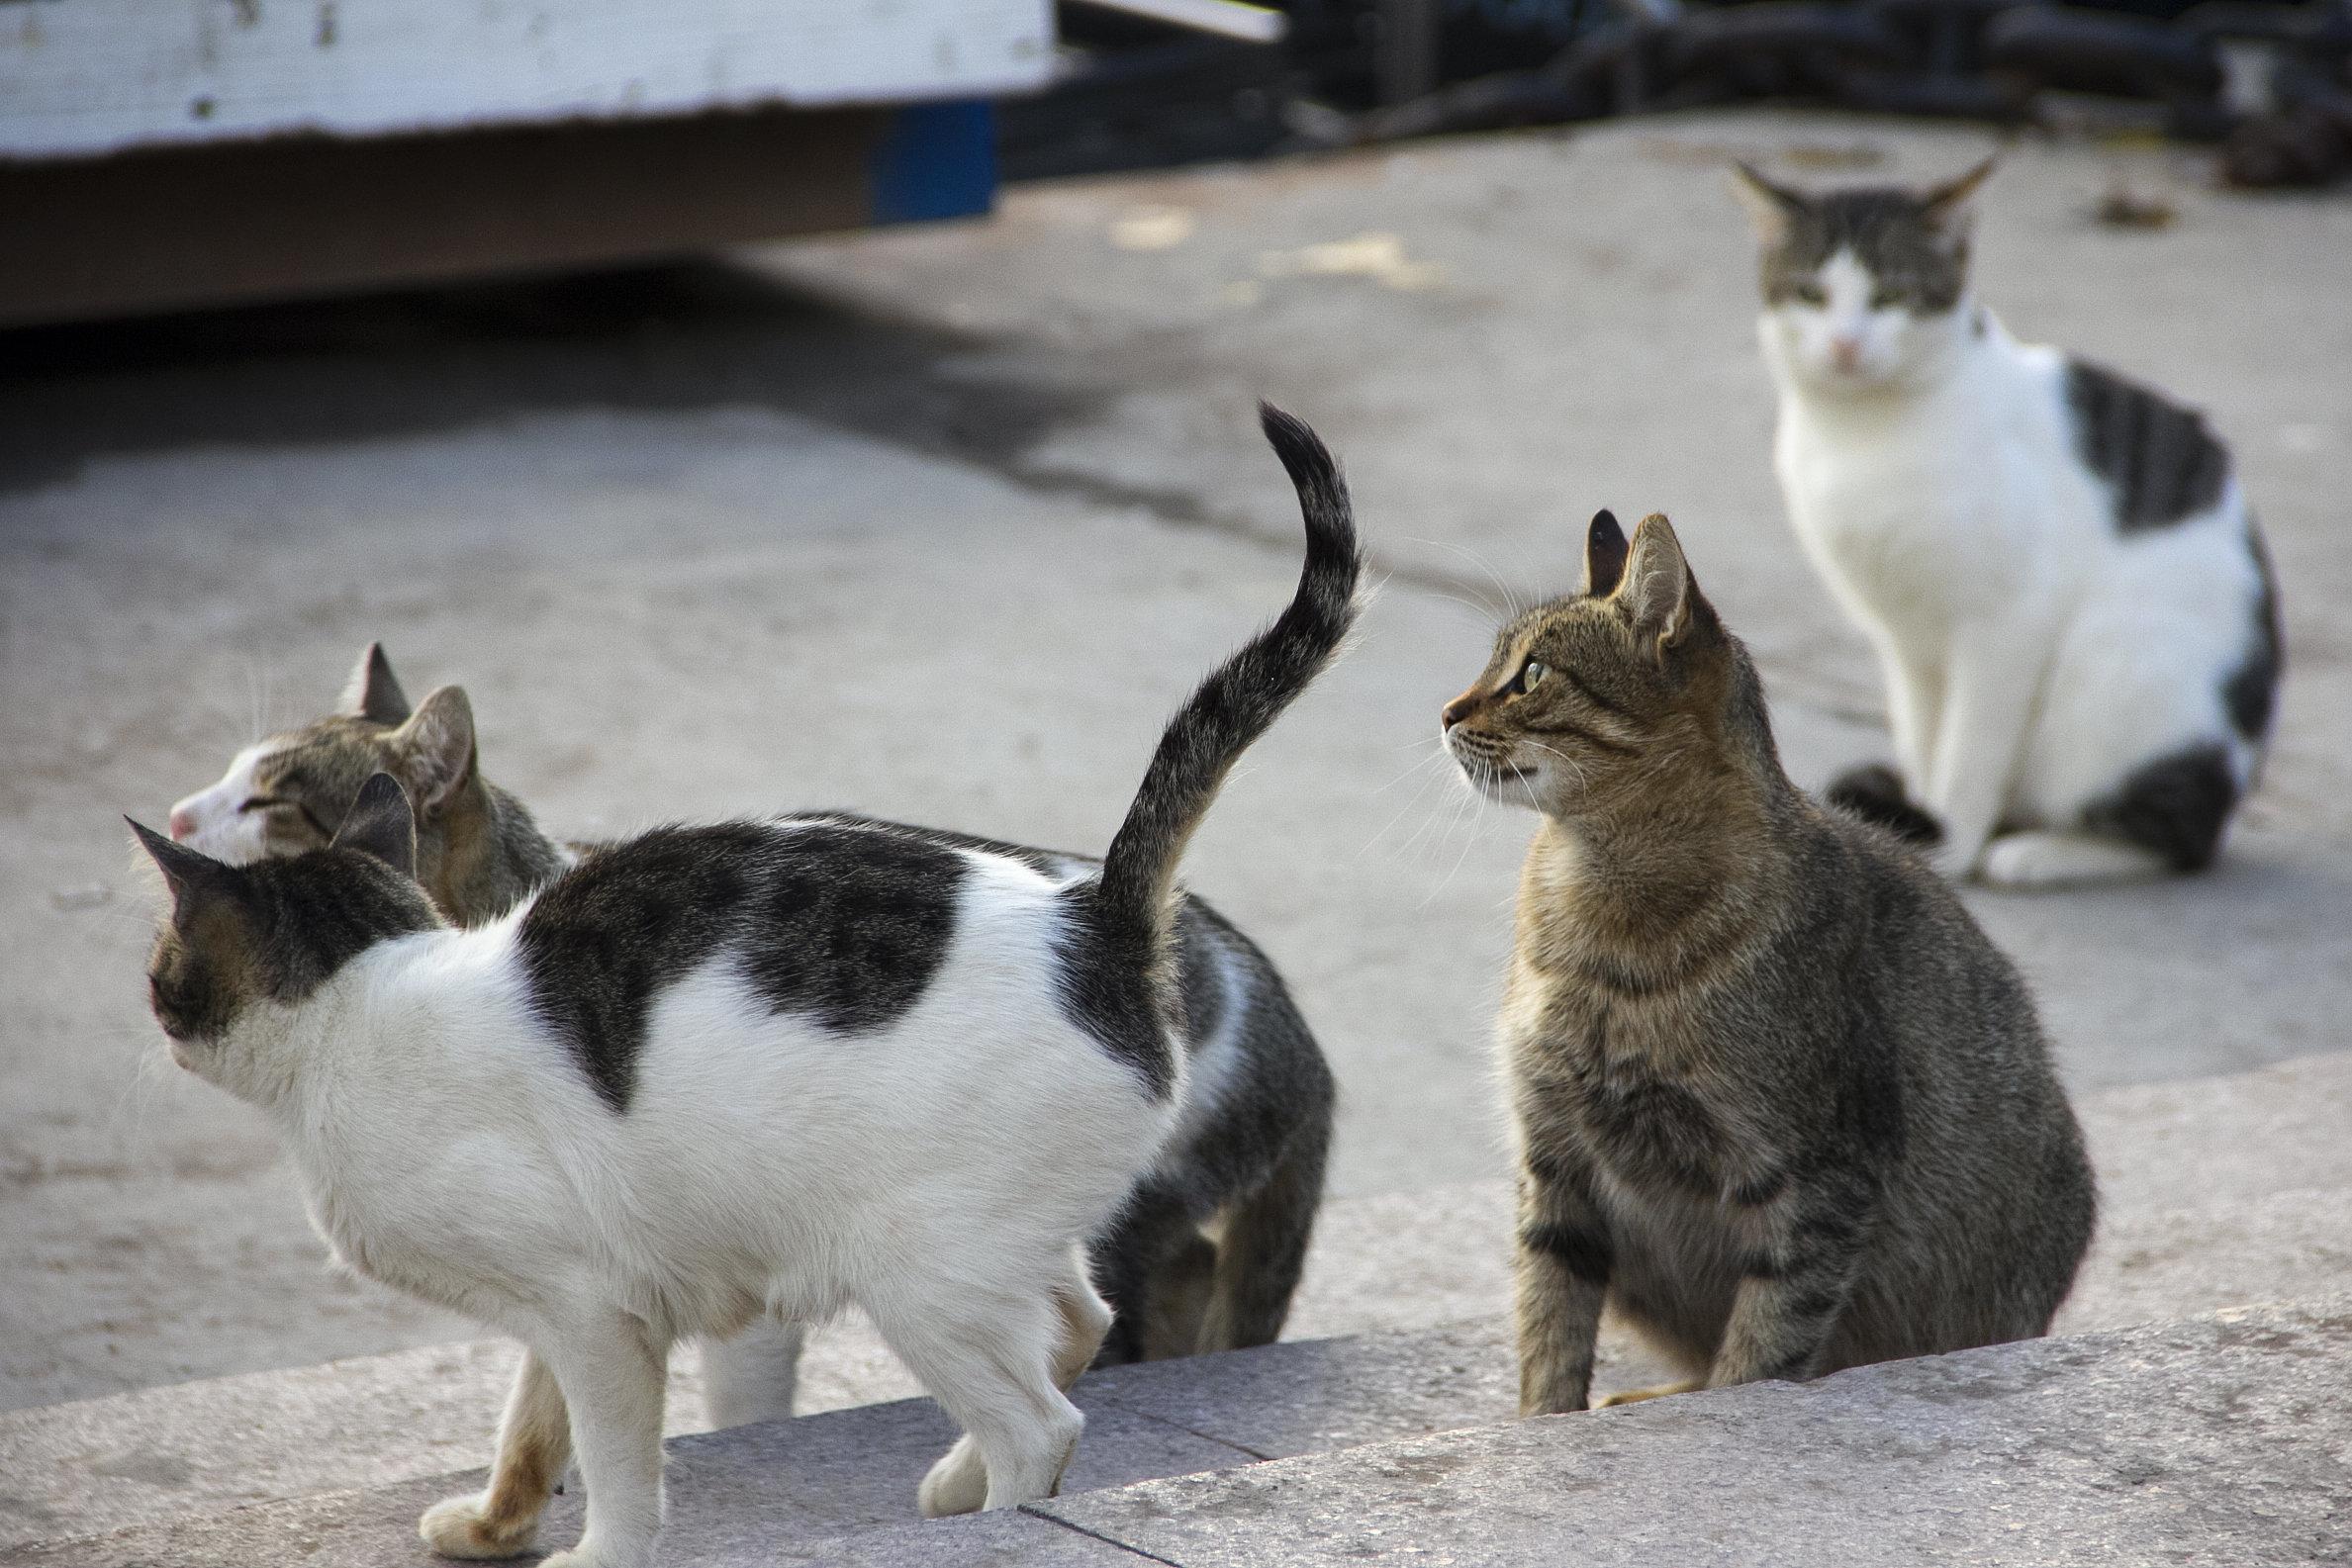 워싱턴 DC가 세계 최초로 한 도시 고양이 숫자 전부 세기로 한